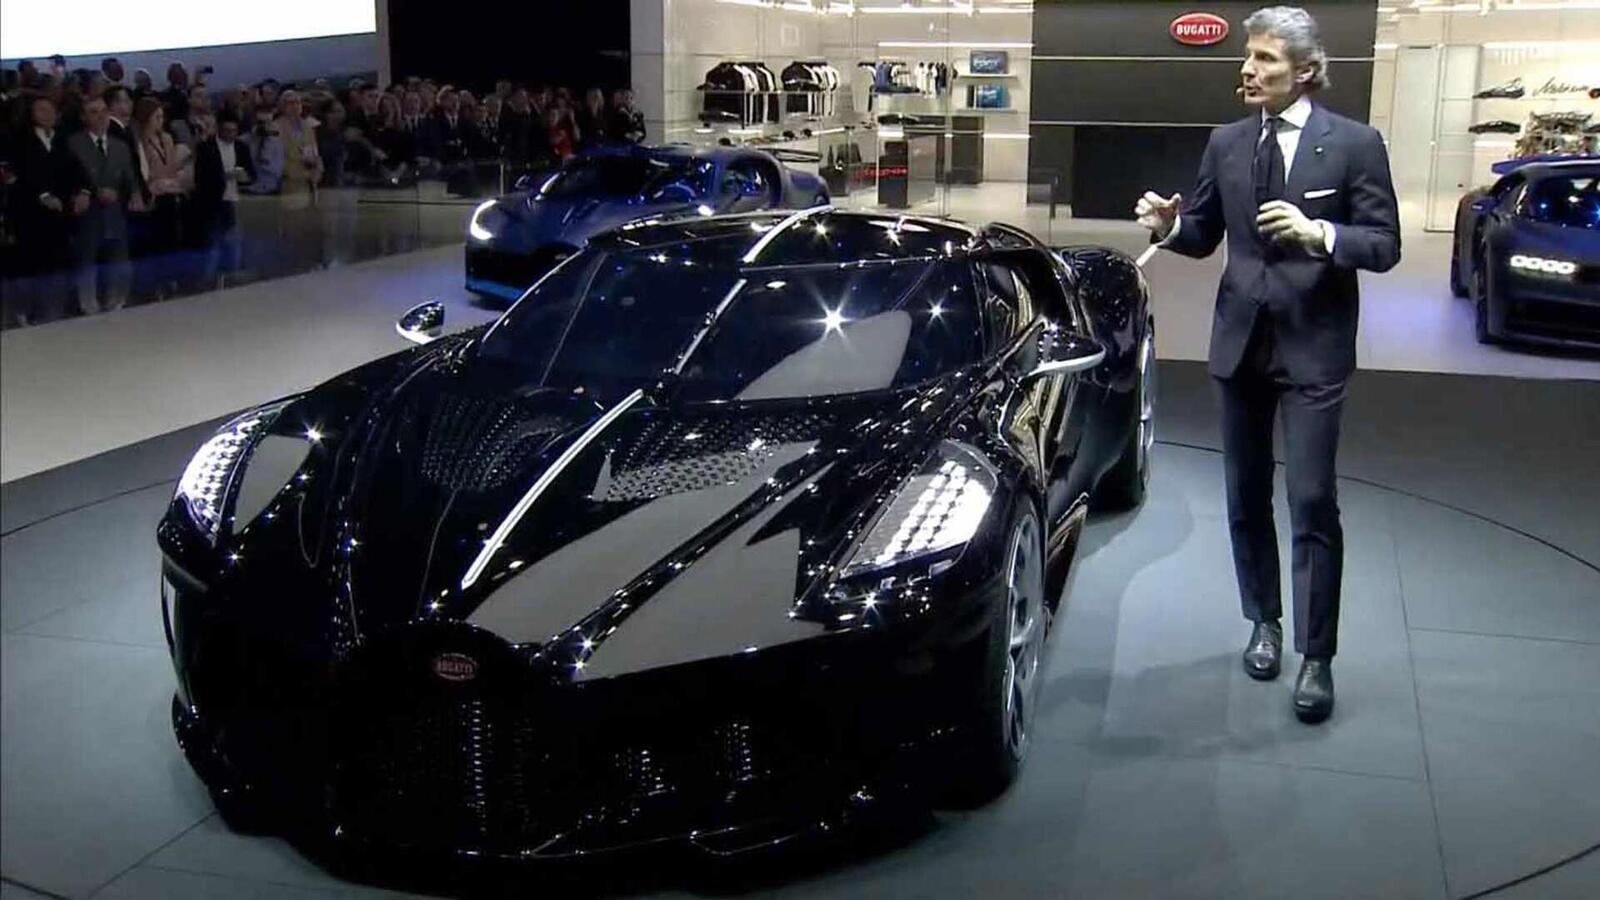 [GMS2019] Siêu phẩm Bugatti La Voatio Noire ra mắt: Chỉ một chiếc được sản xuất; giá hơn 259 tỷ đồng - Hình 1